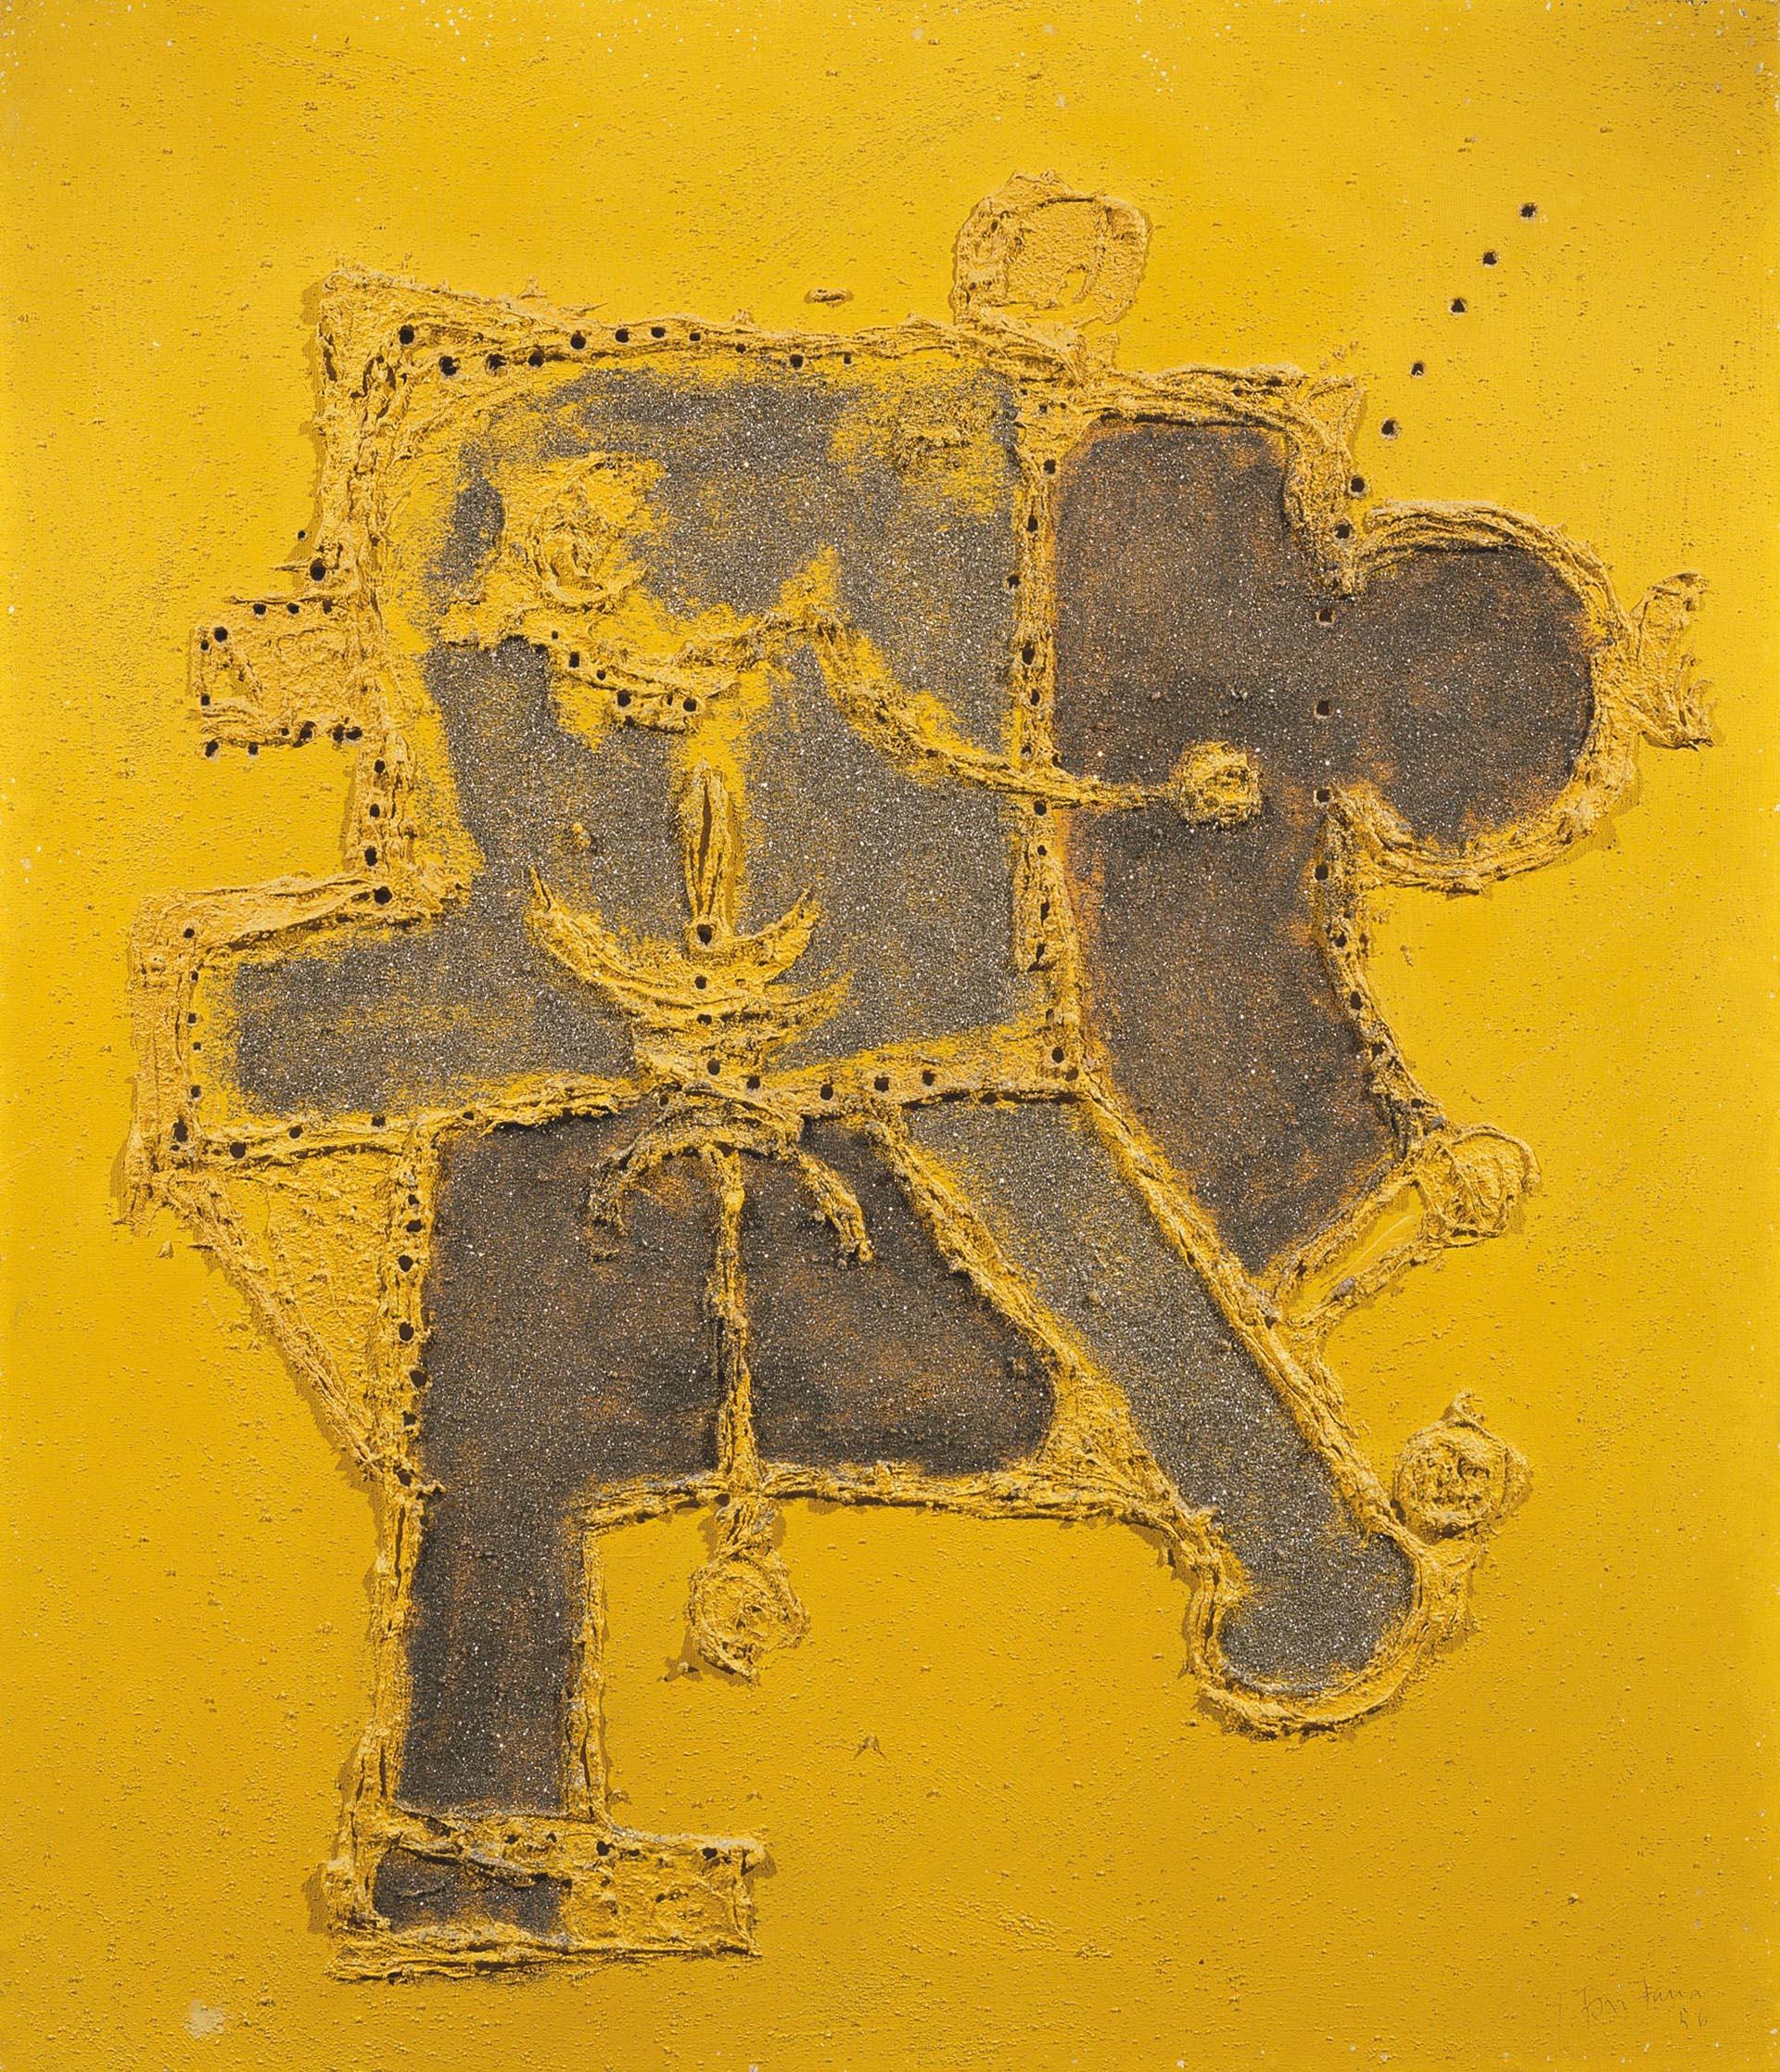 Fontana, Concetto spaziale, 1956, 80x70 cm